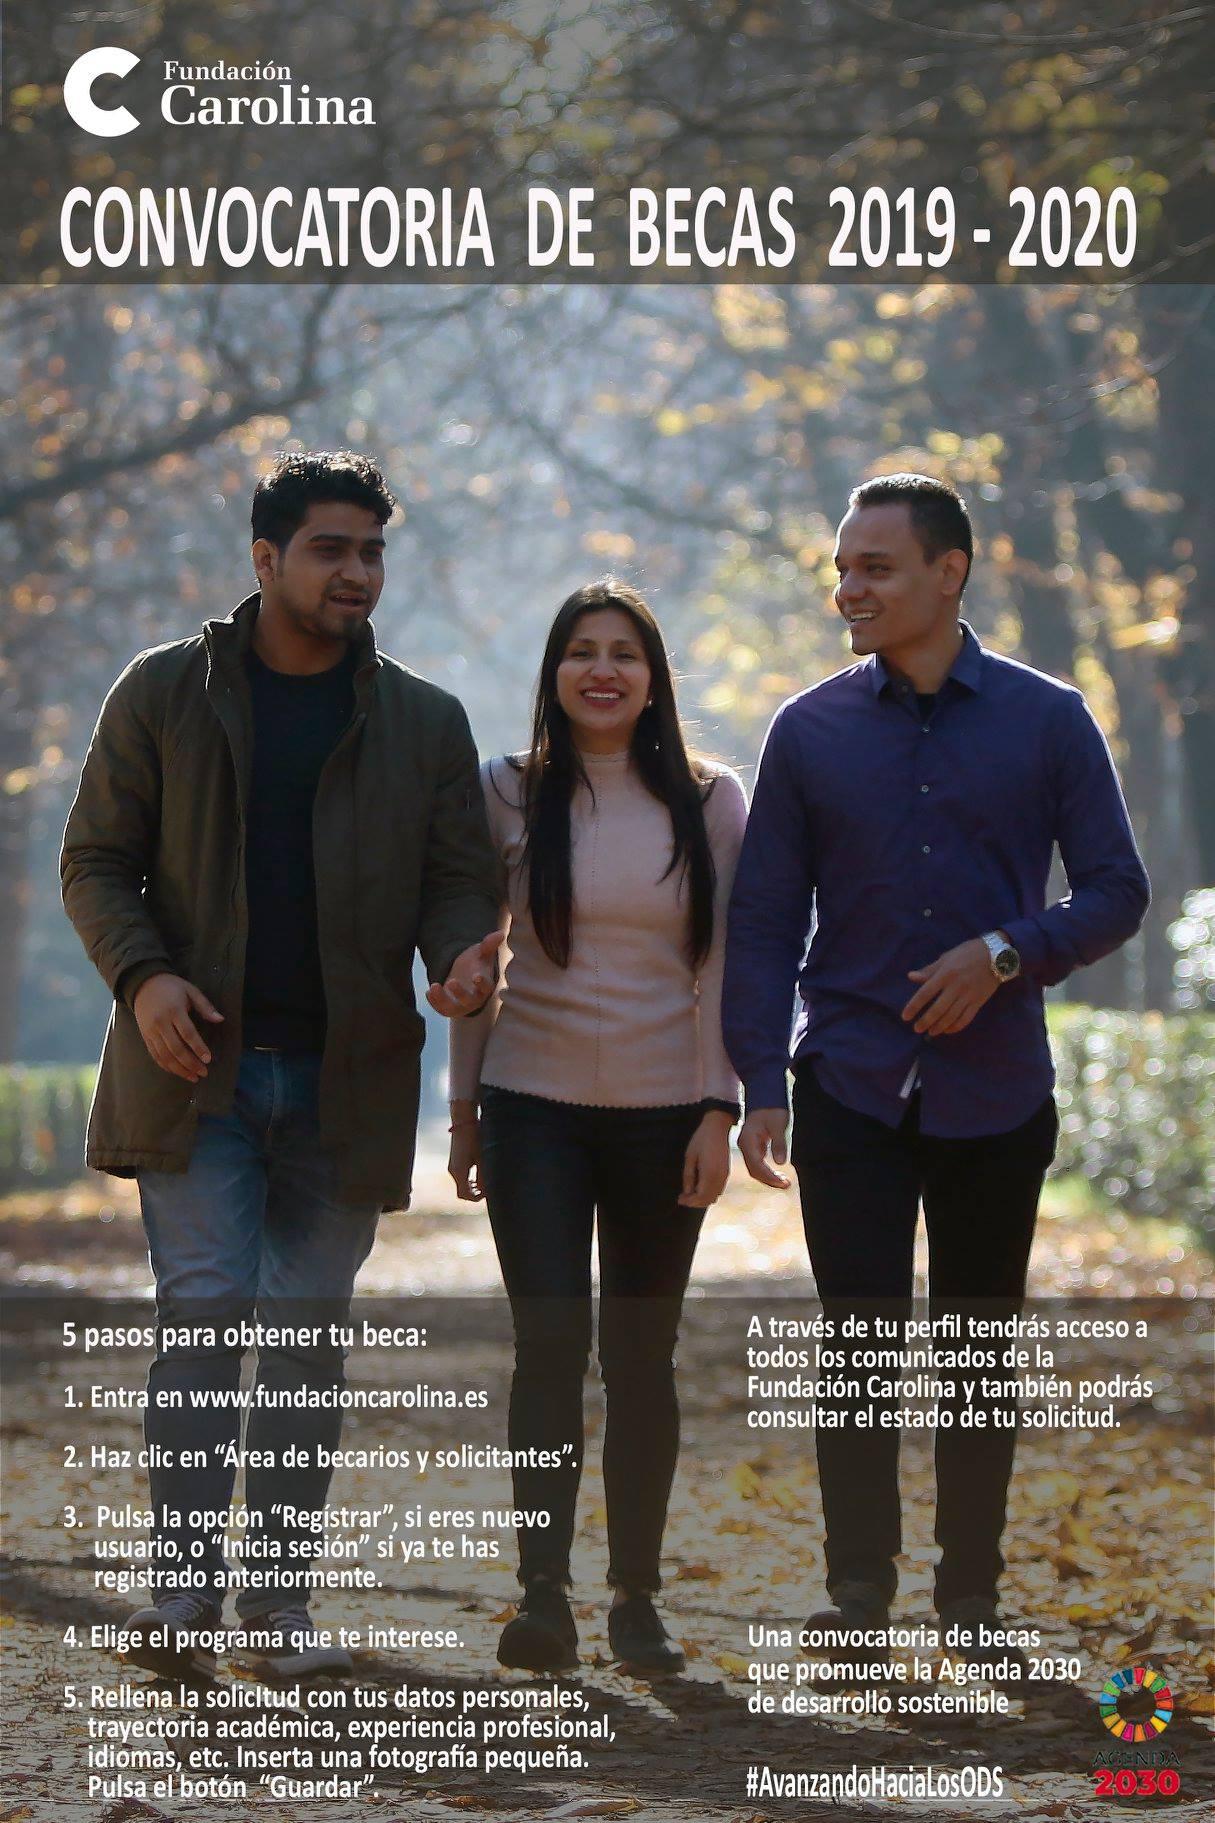 Convocatoria de Becas de la Fundación Carolina 2019-2020